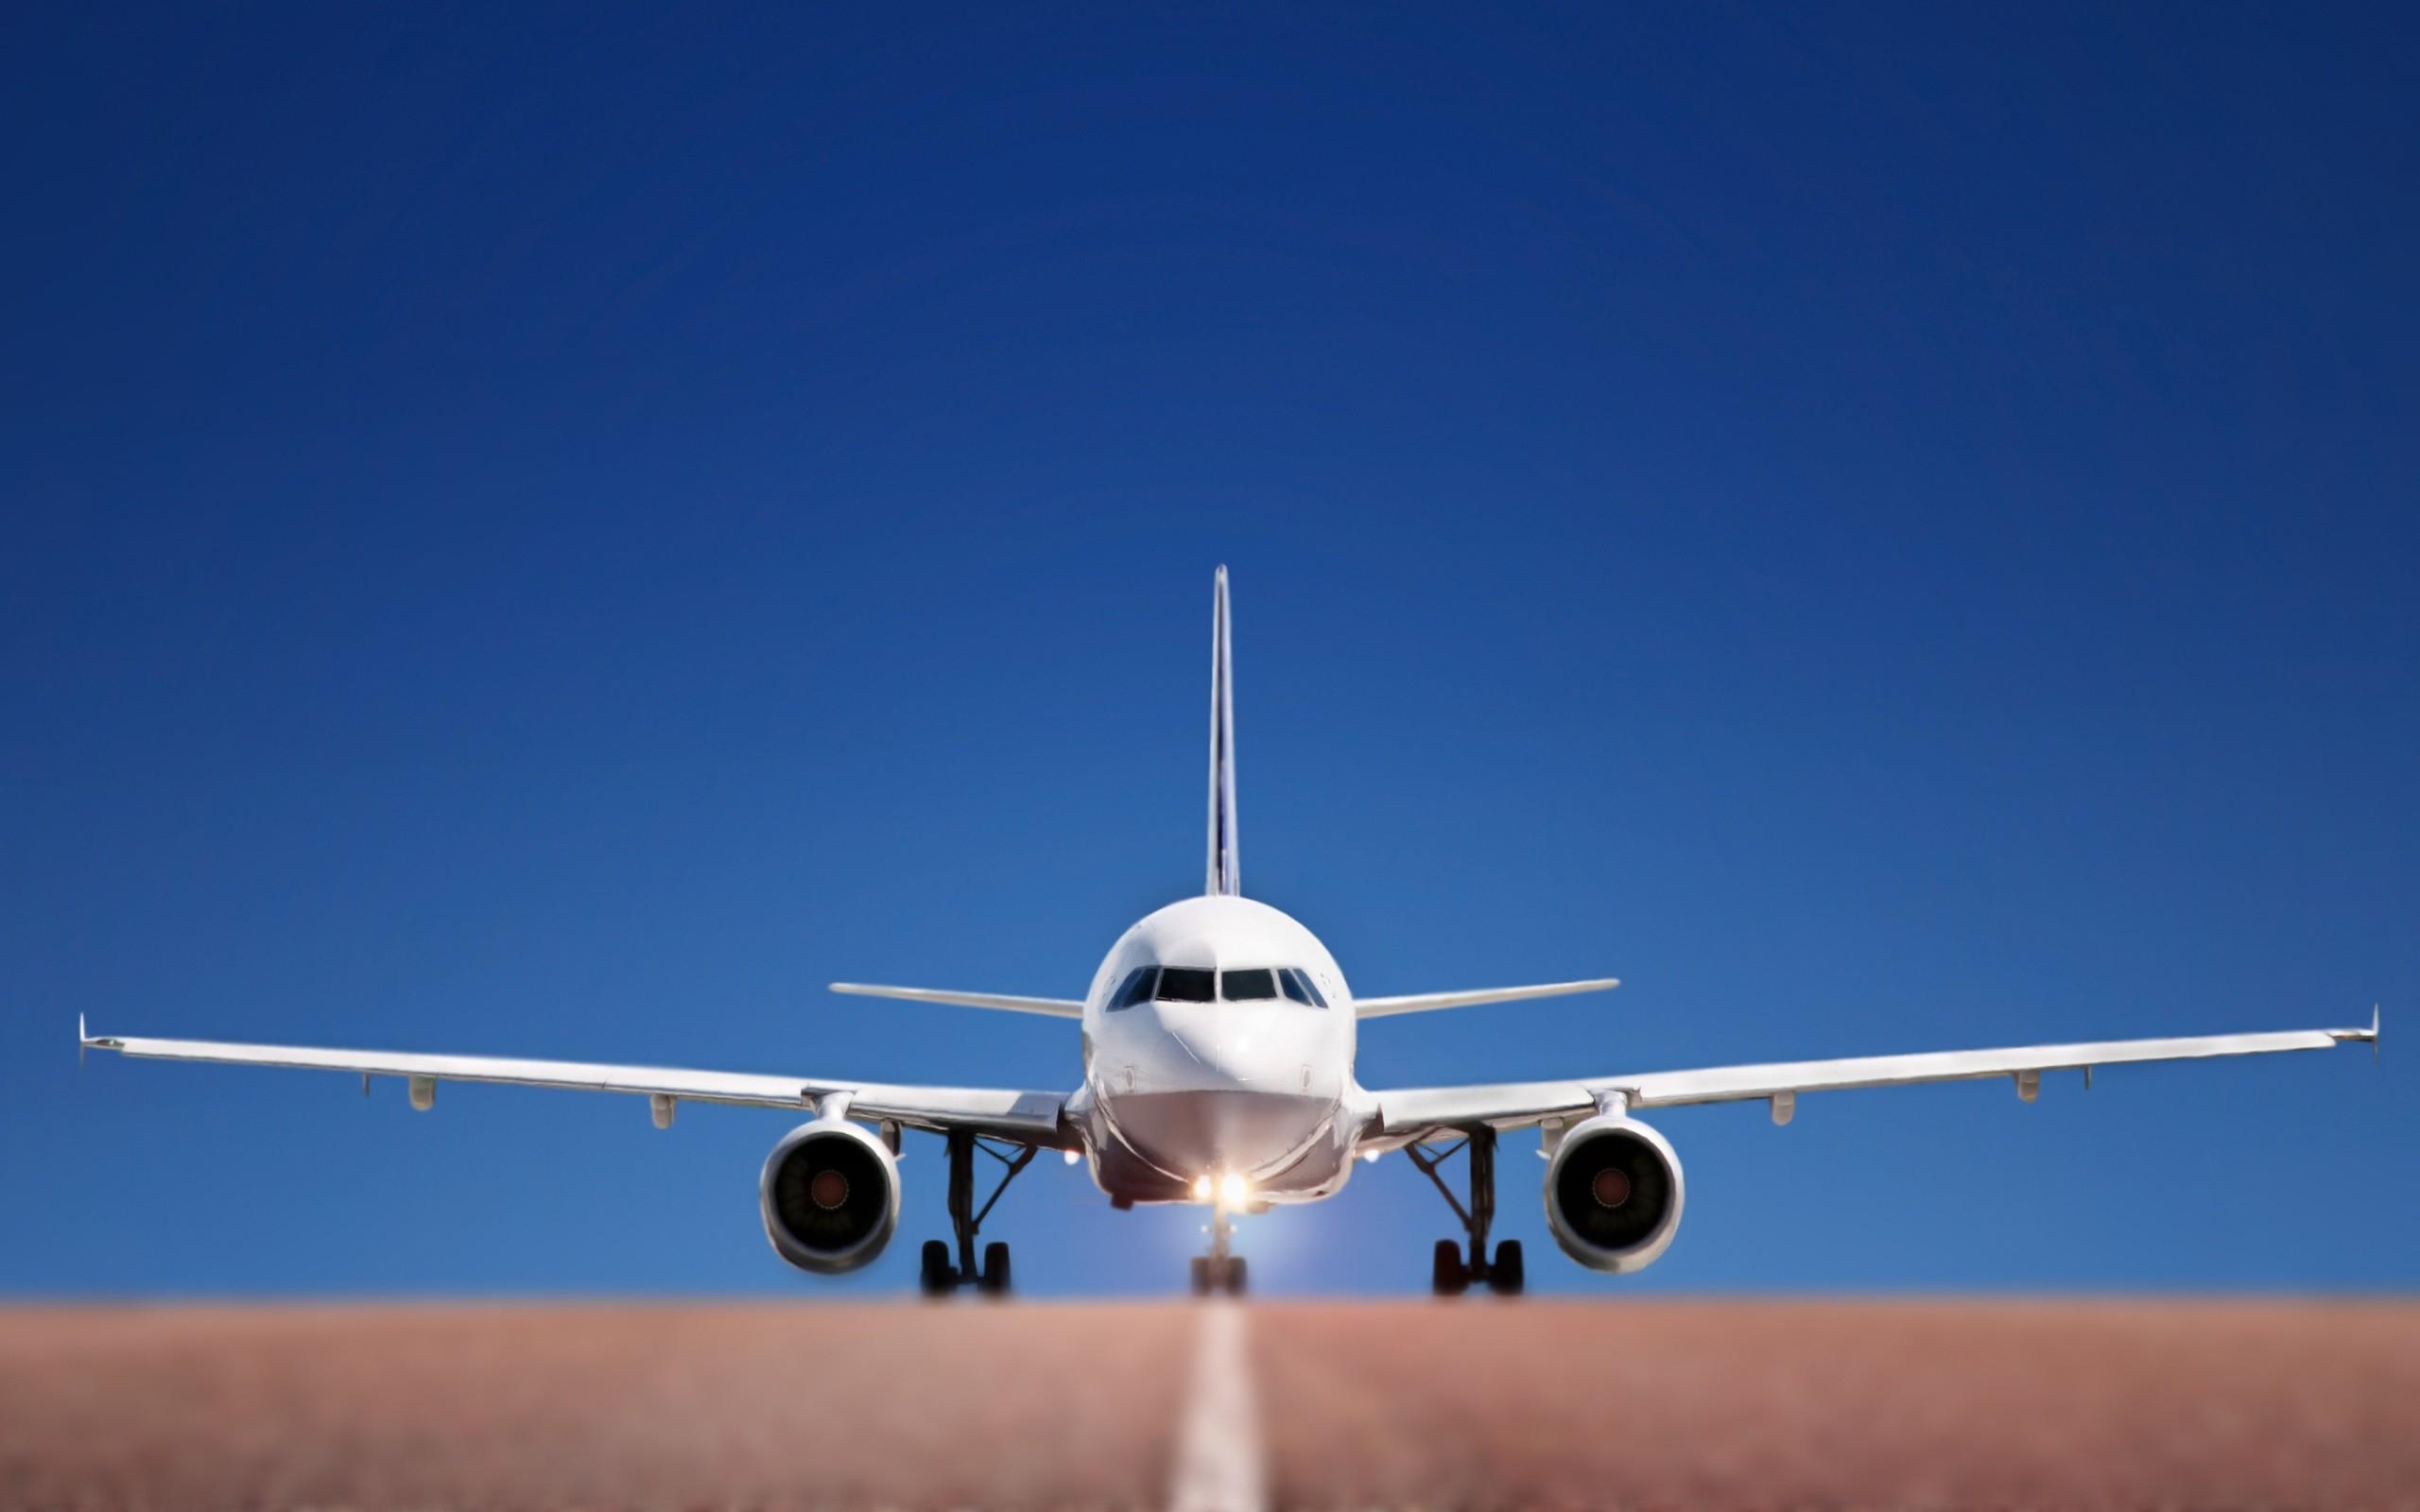 Самолет вернулся ваэропорт Норильска из-за сработавшего датчика